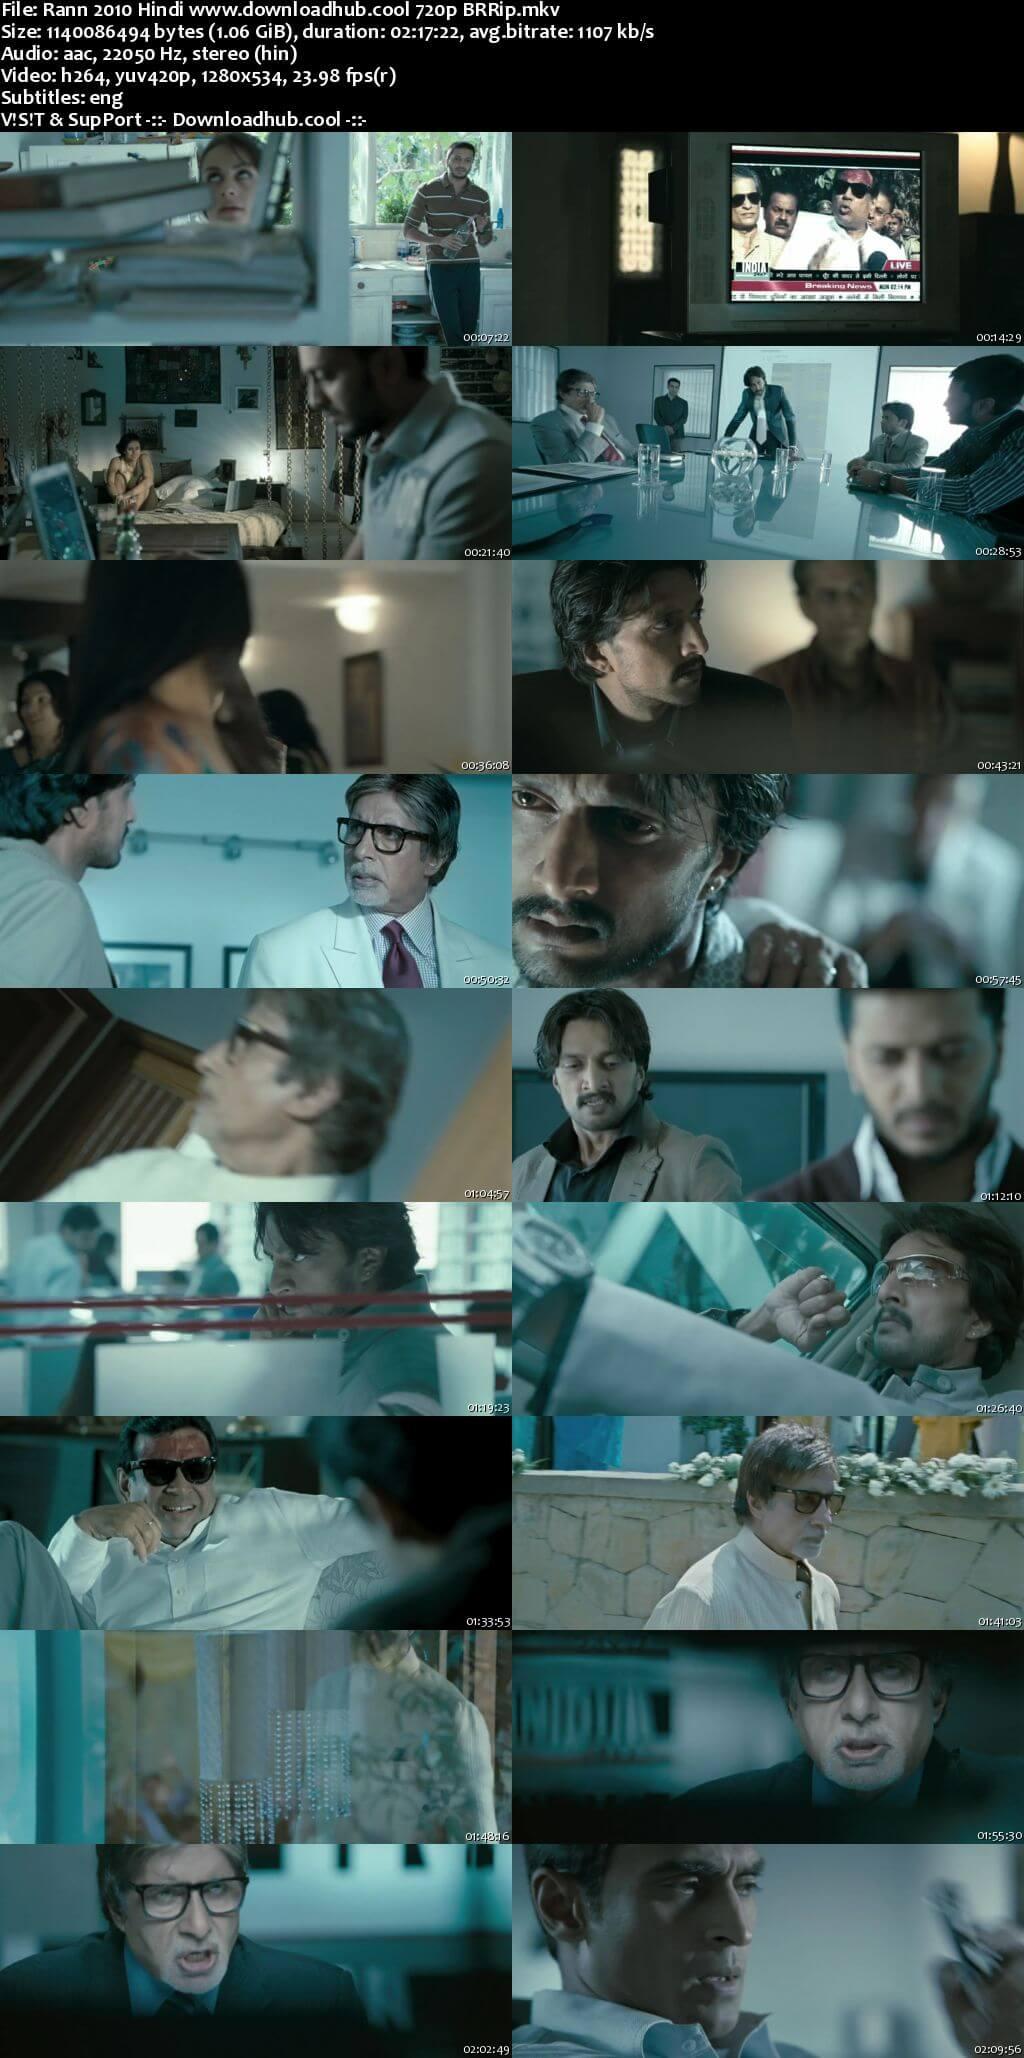 Rann 2010 Hindi 720p BluRay ESubs